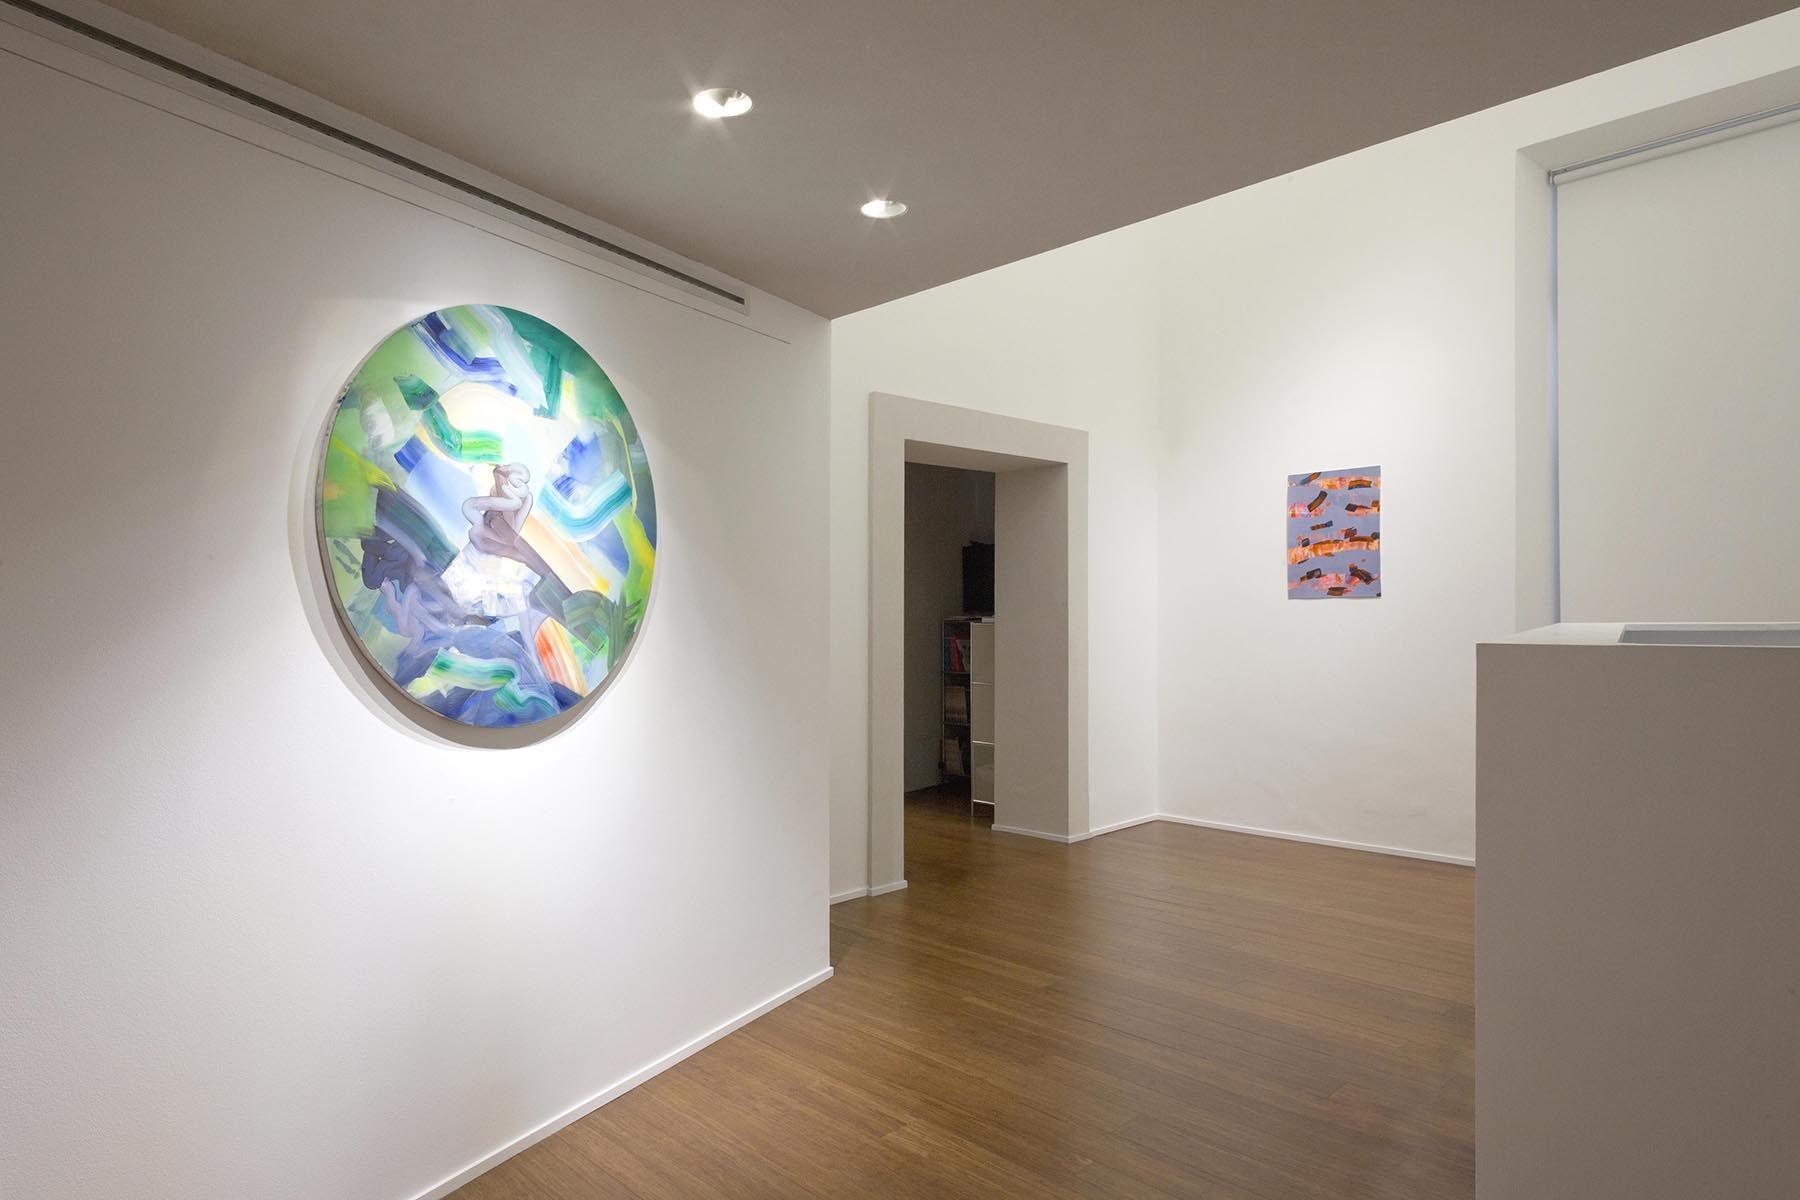 Isabella Nazzarri, Clinamen, 2017, installation view, ABC-Arte, Genoa